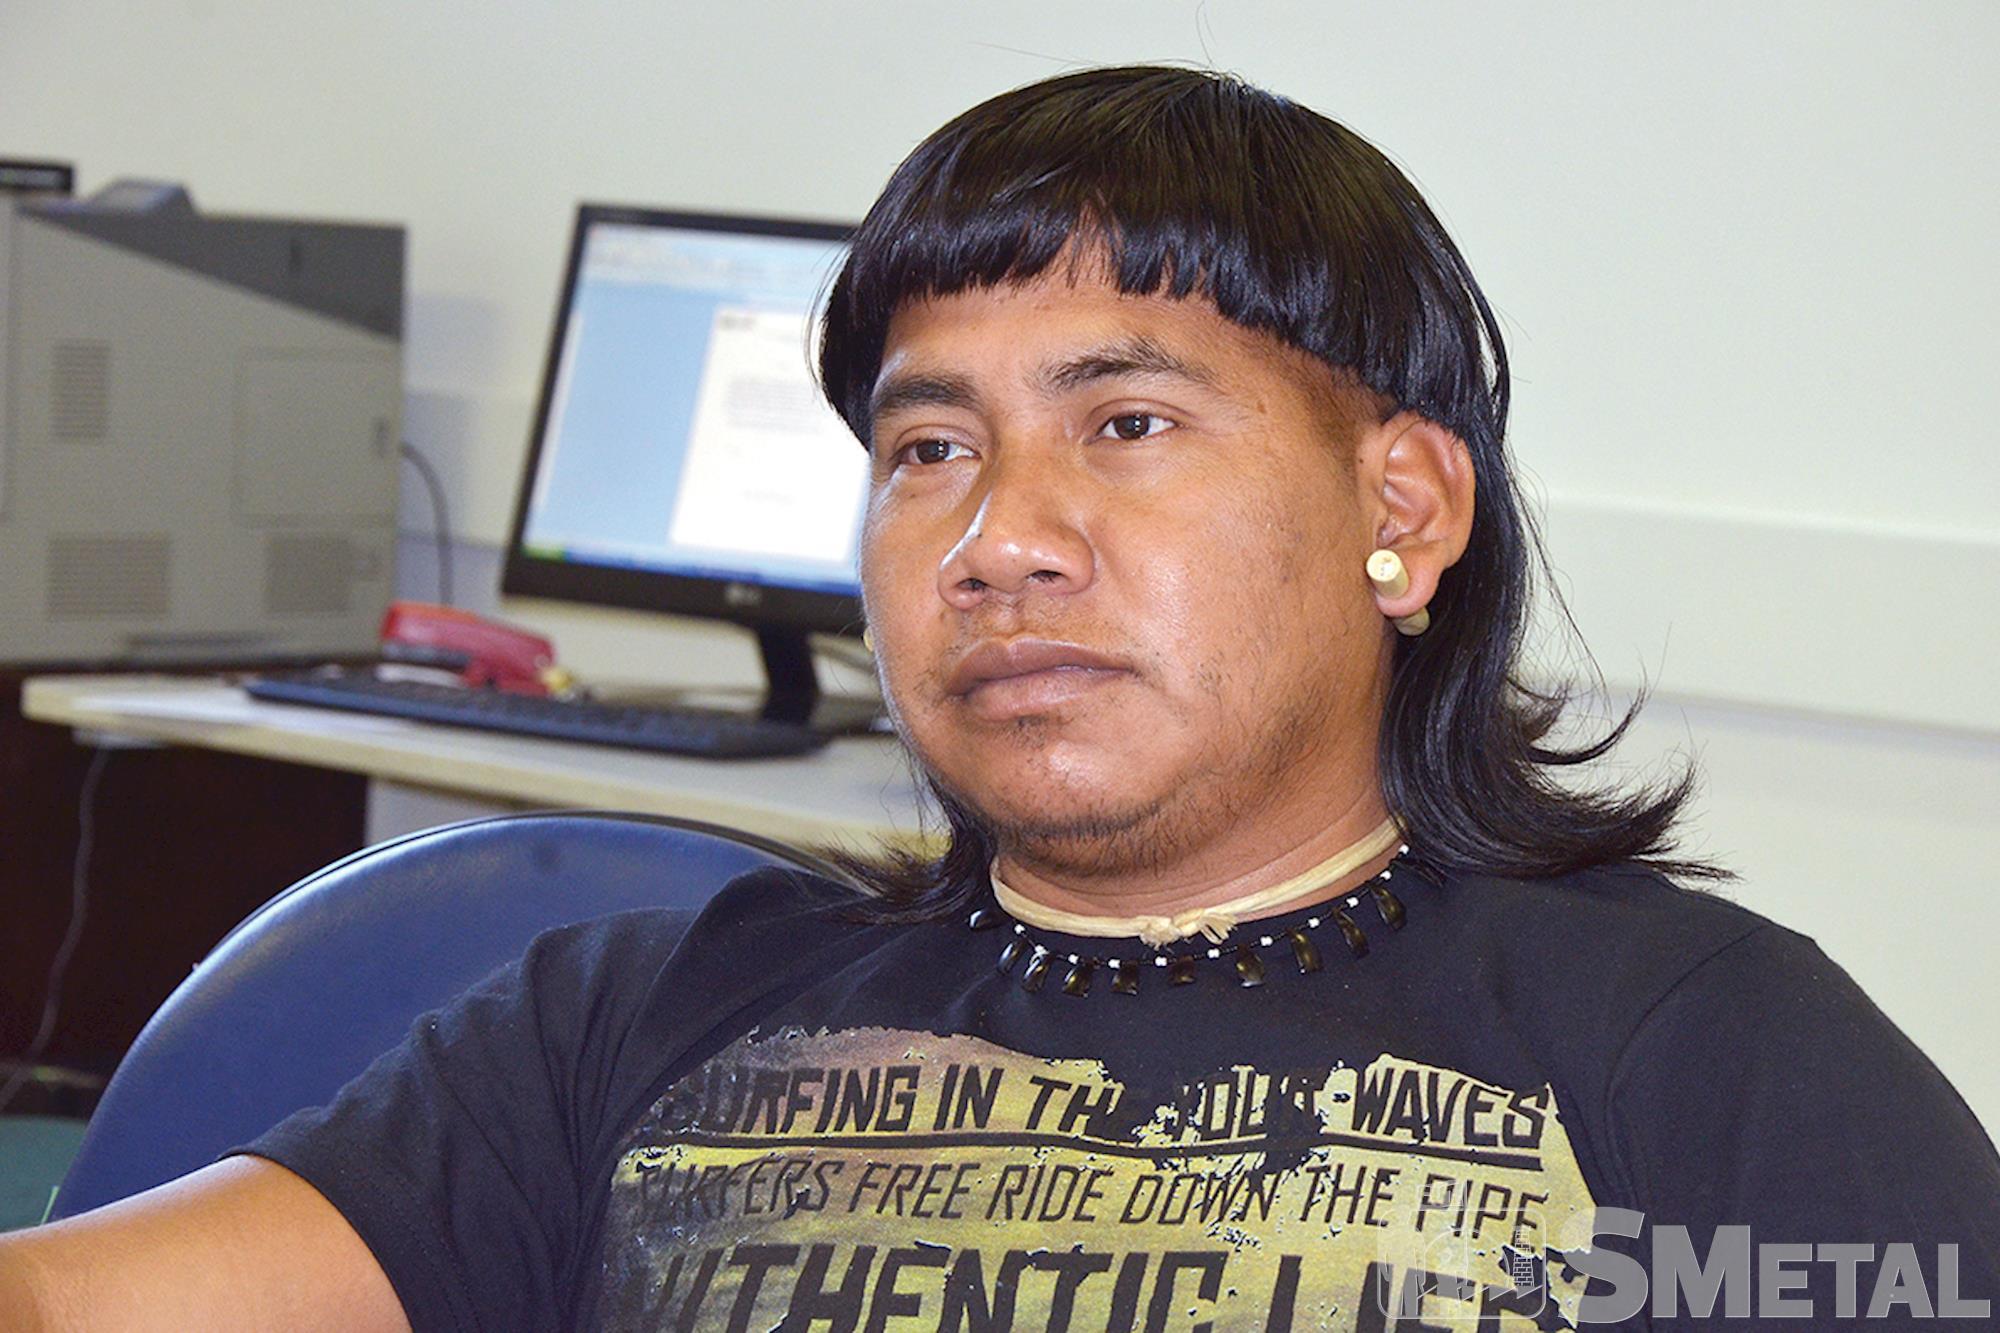 José Robri quer retornar para a tribo e contribuir para fortalecimentos de sua cultura, Indígenas: Resistência e preservação cultural